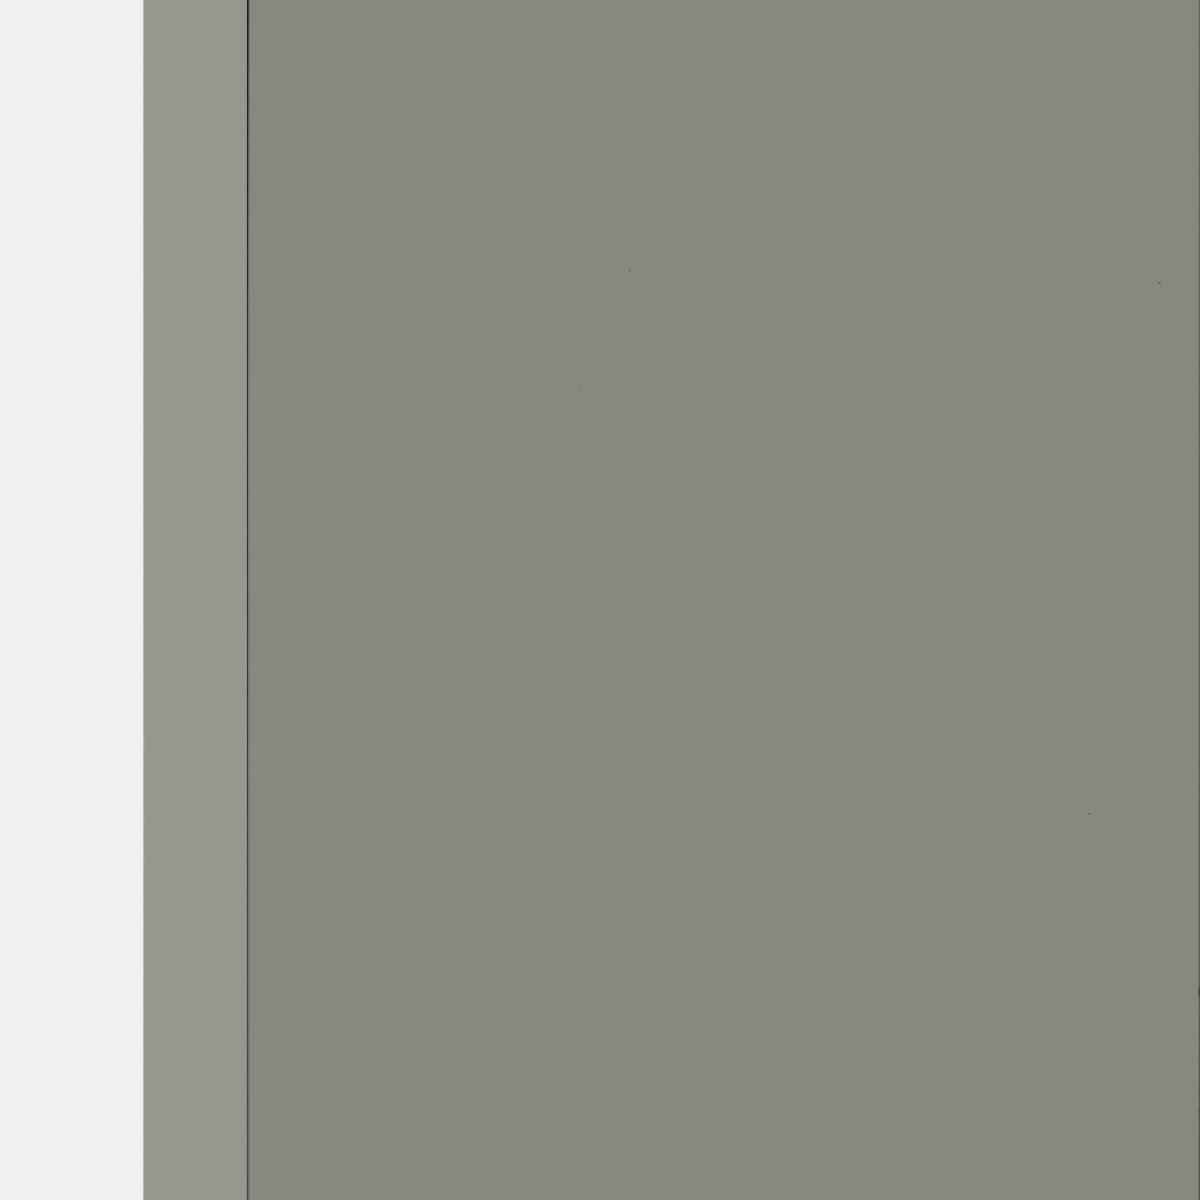 Дверь Межкомнатная Глухая С Замком В Комплекте 200x90 Эмаль Цвет Грей